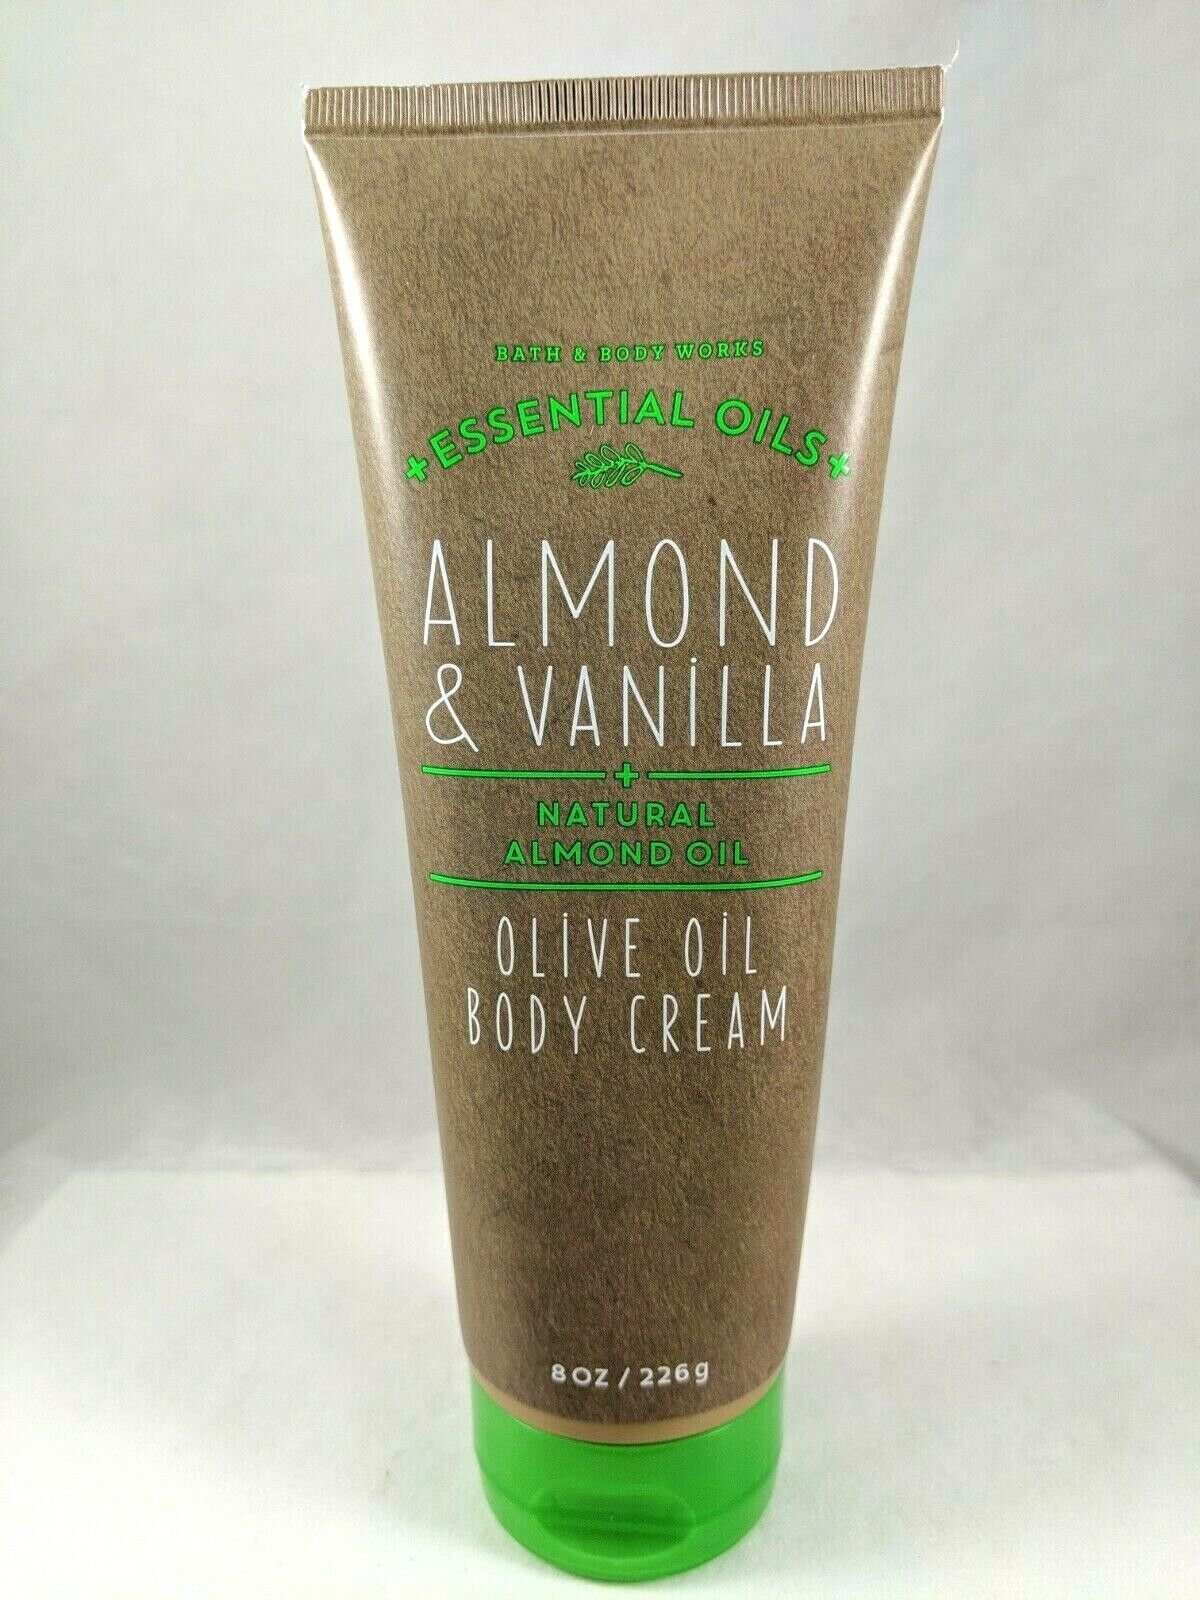 Bath & Body Works Oilve Oil Body Cream Almond & Vanilla, 8 o